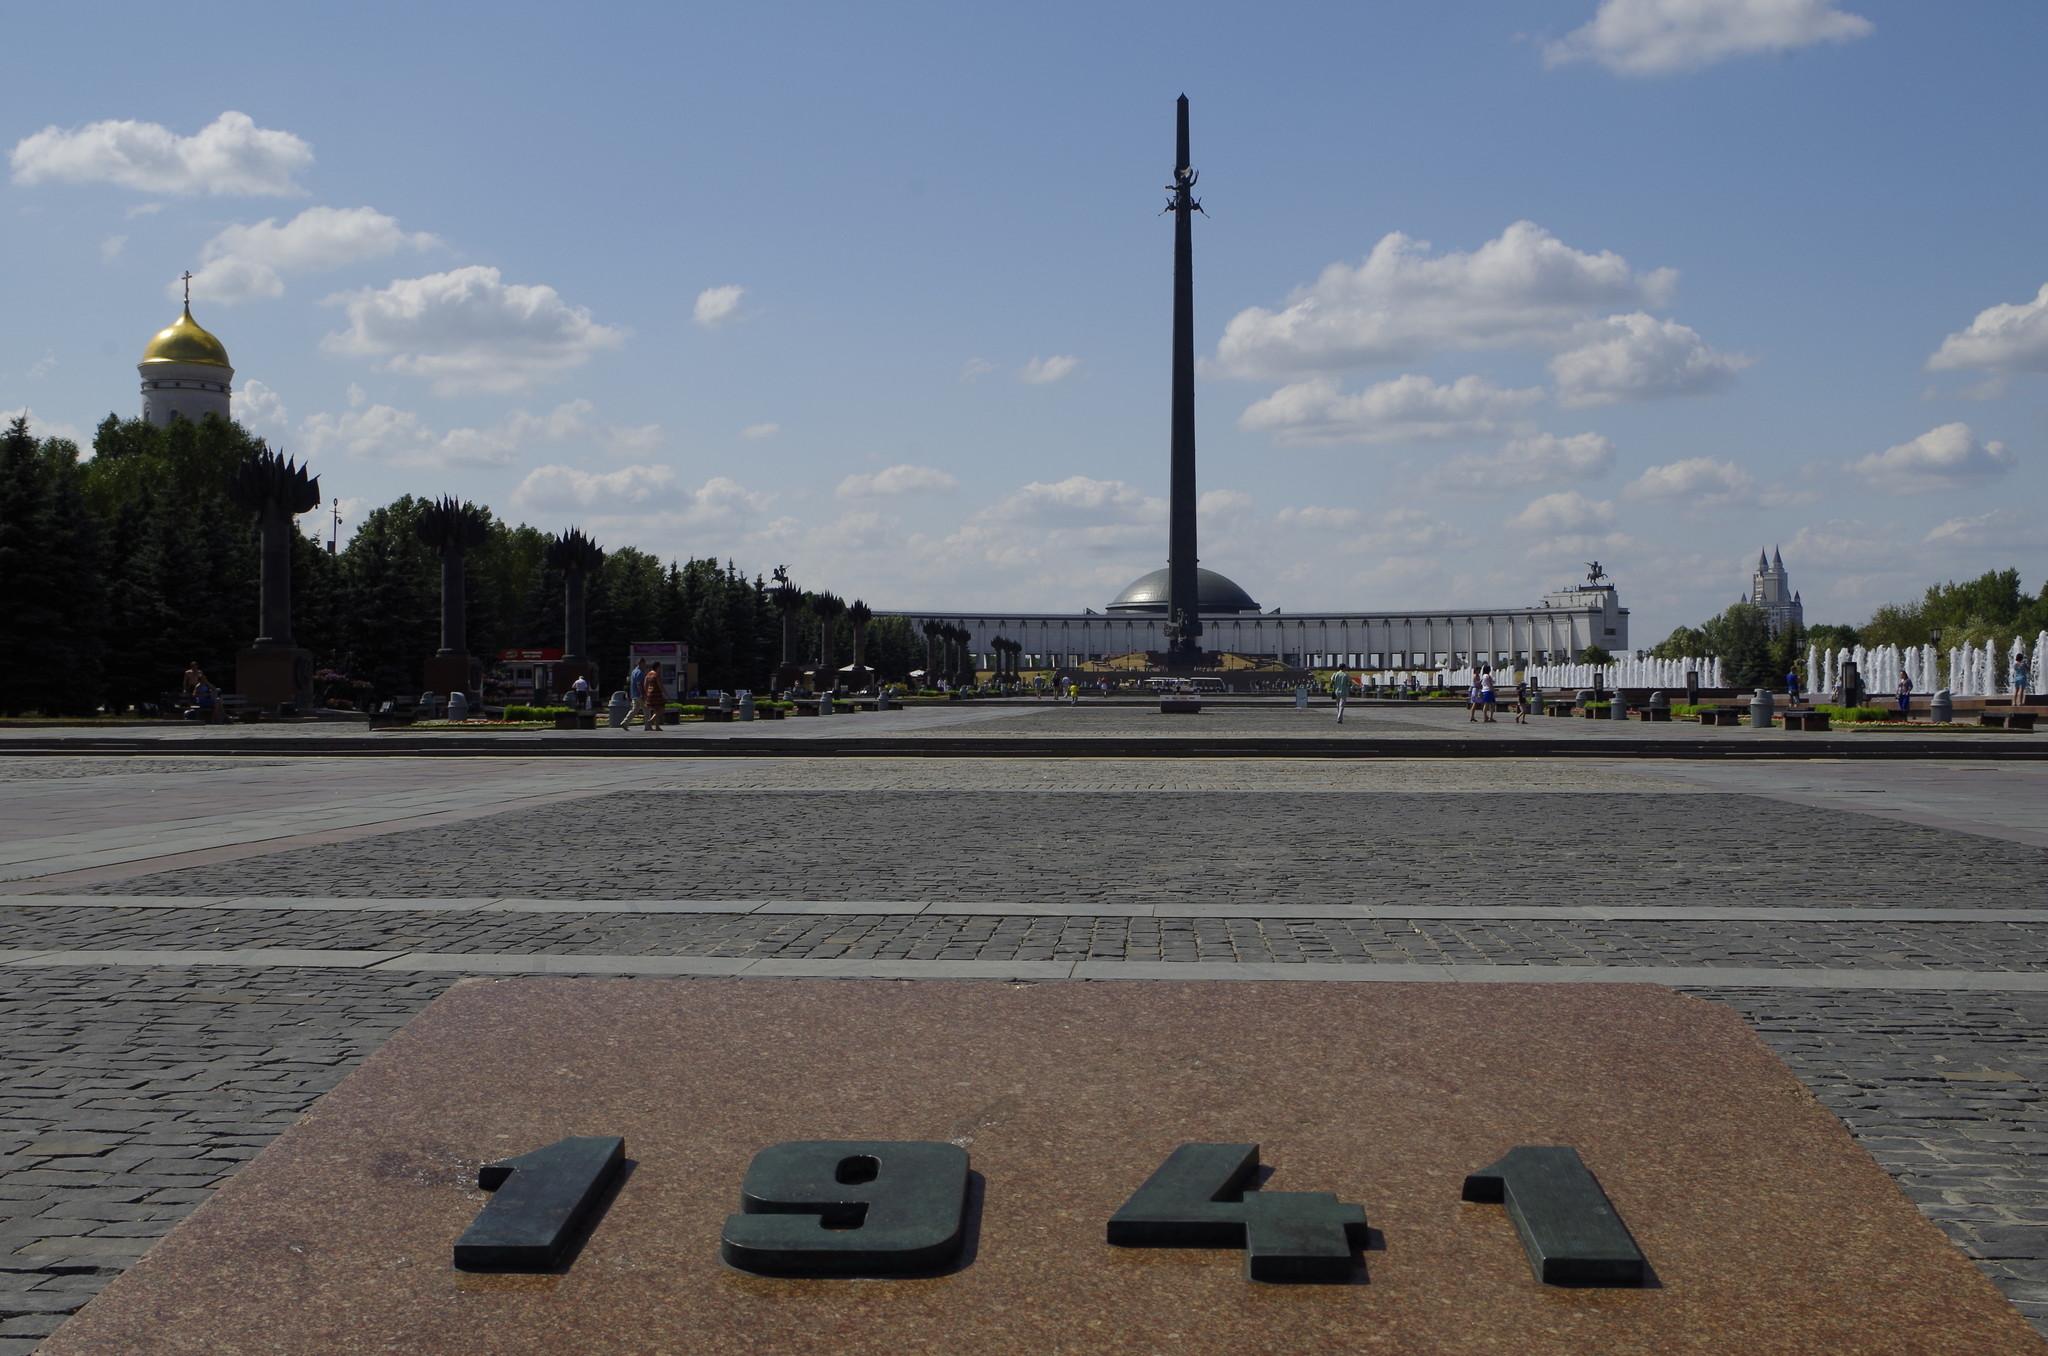 Монумент Победы — обелиск на площади Победителей в Парке Победы на Поклонной Горе